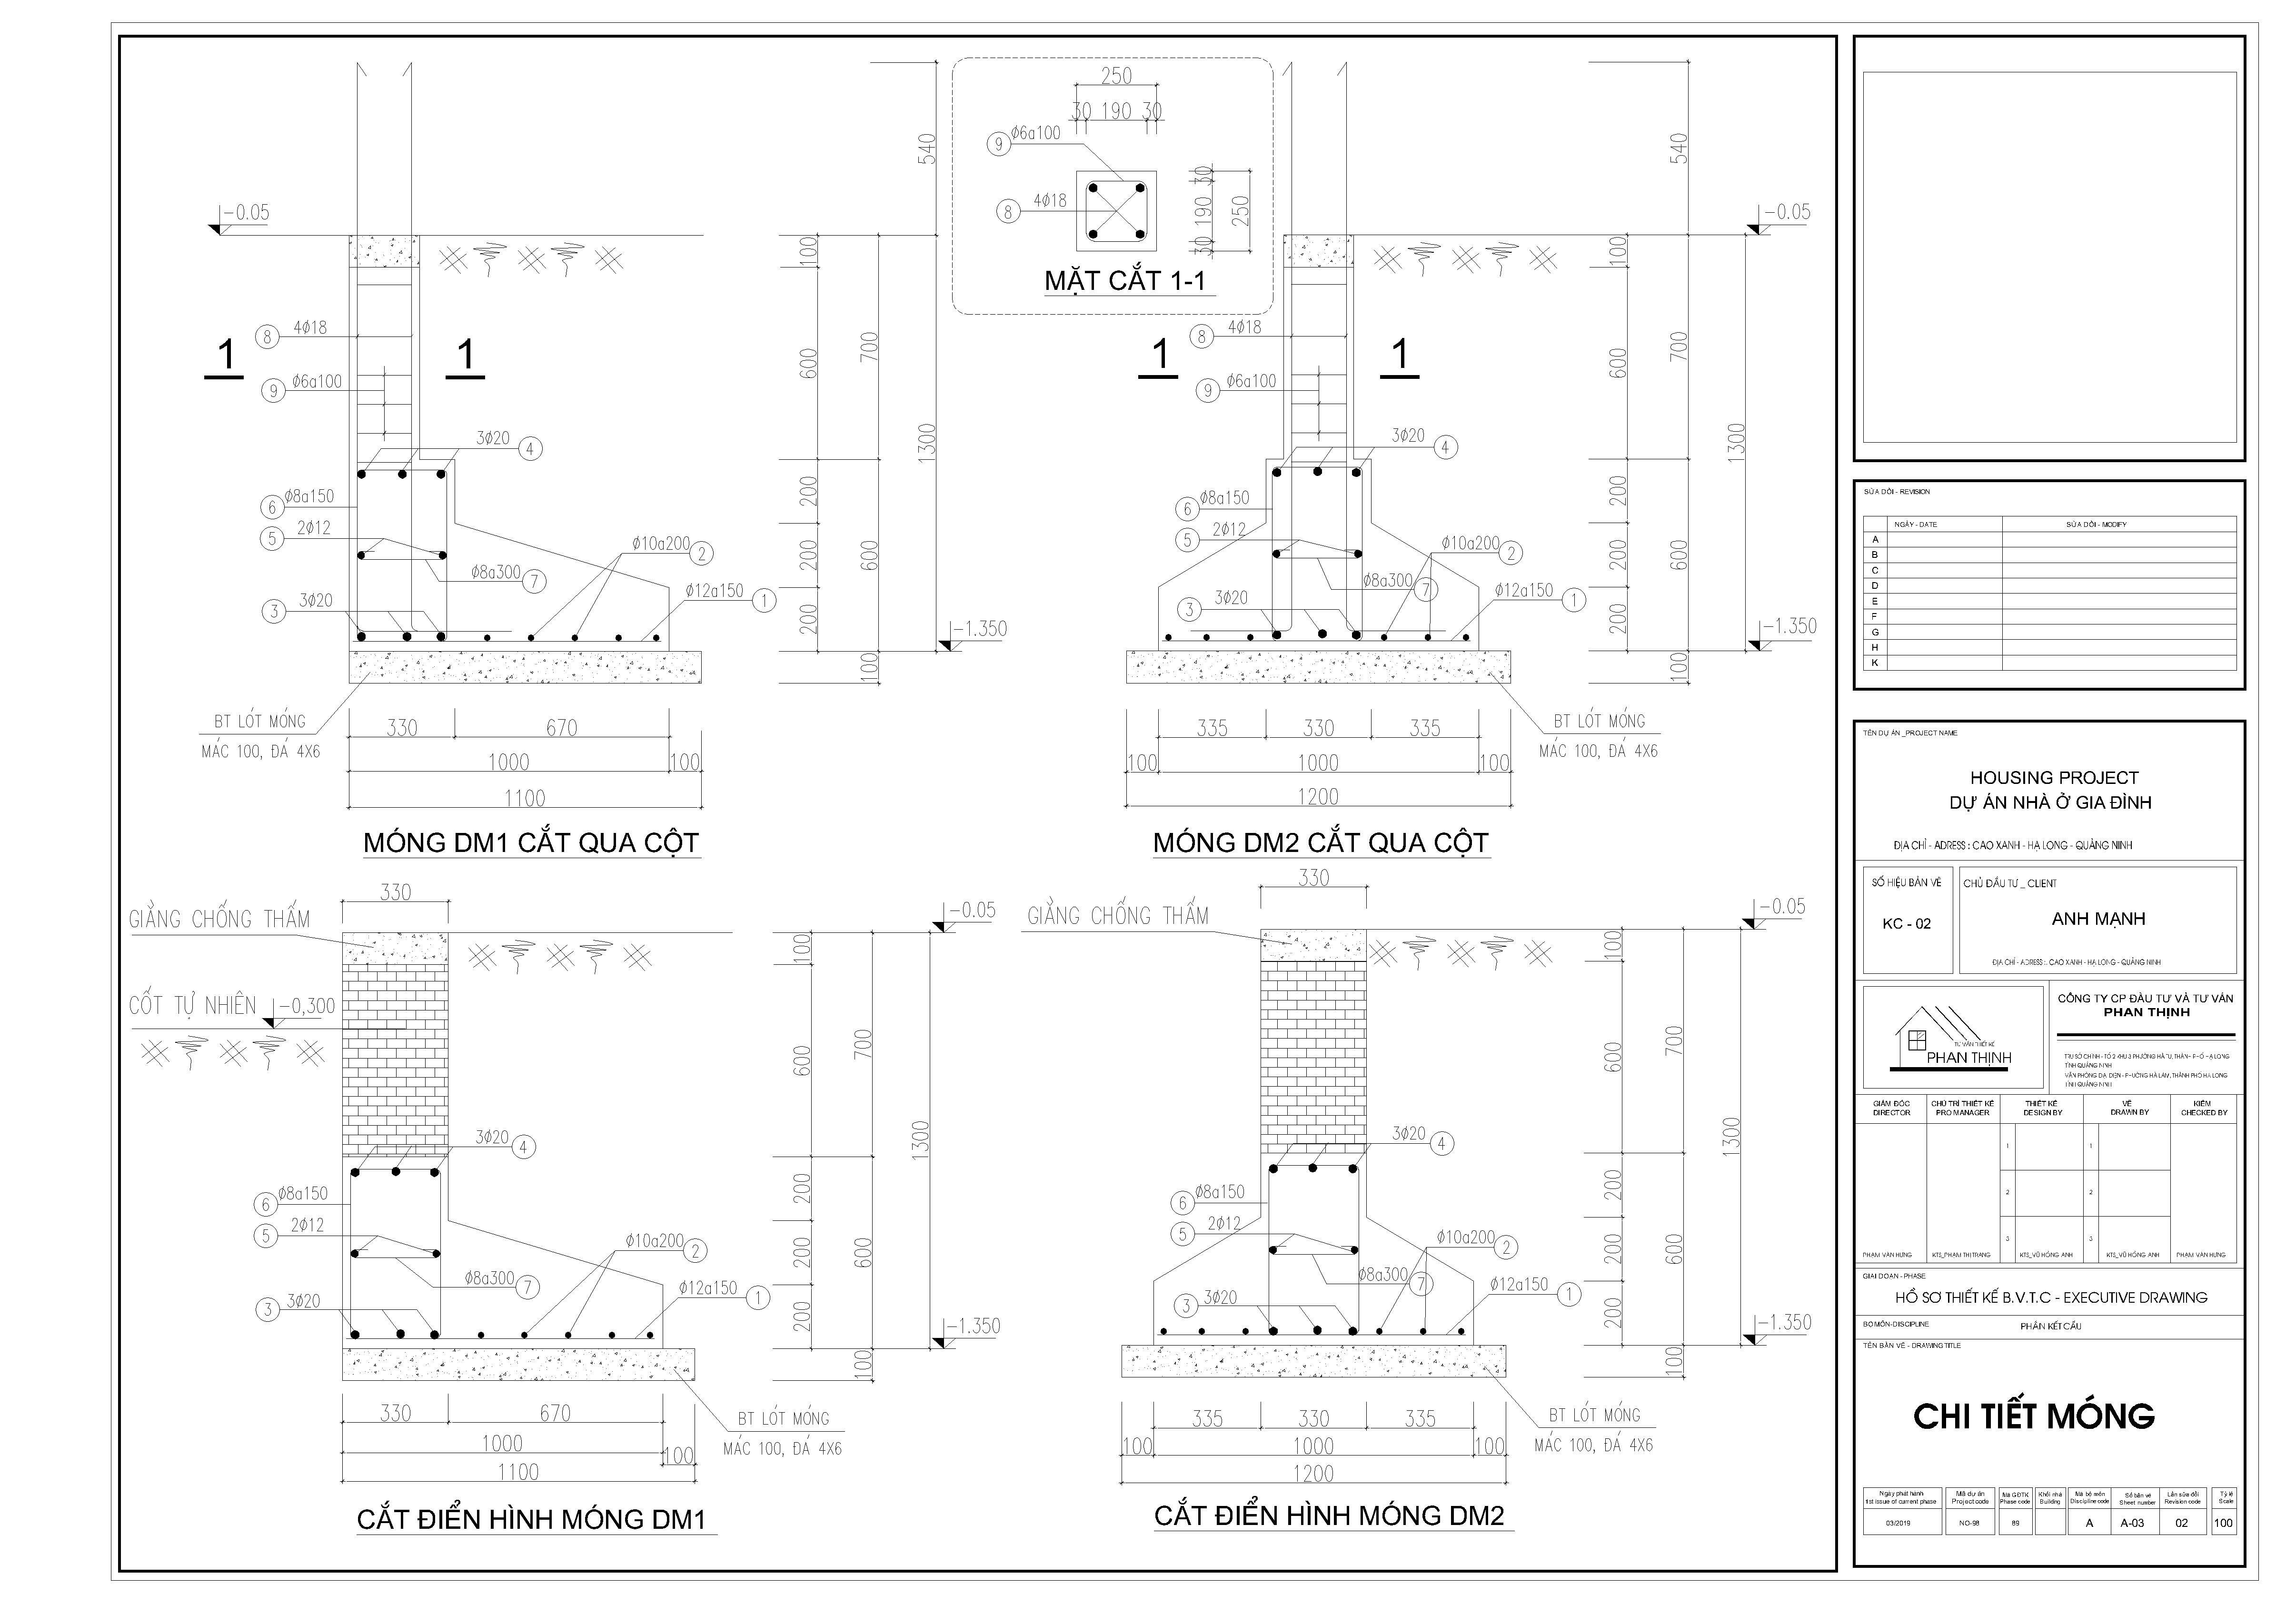 Thiết kế chi tiết móng của căn nhà ống 3 tầng